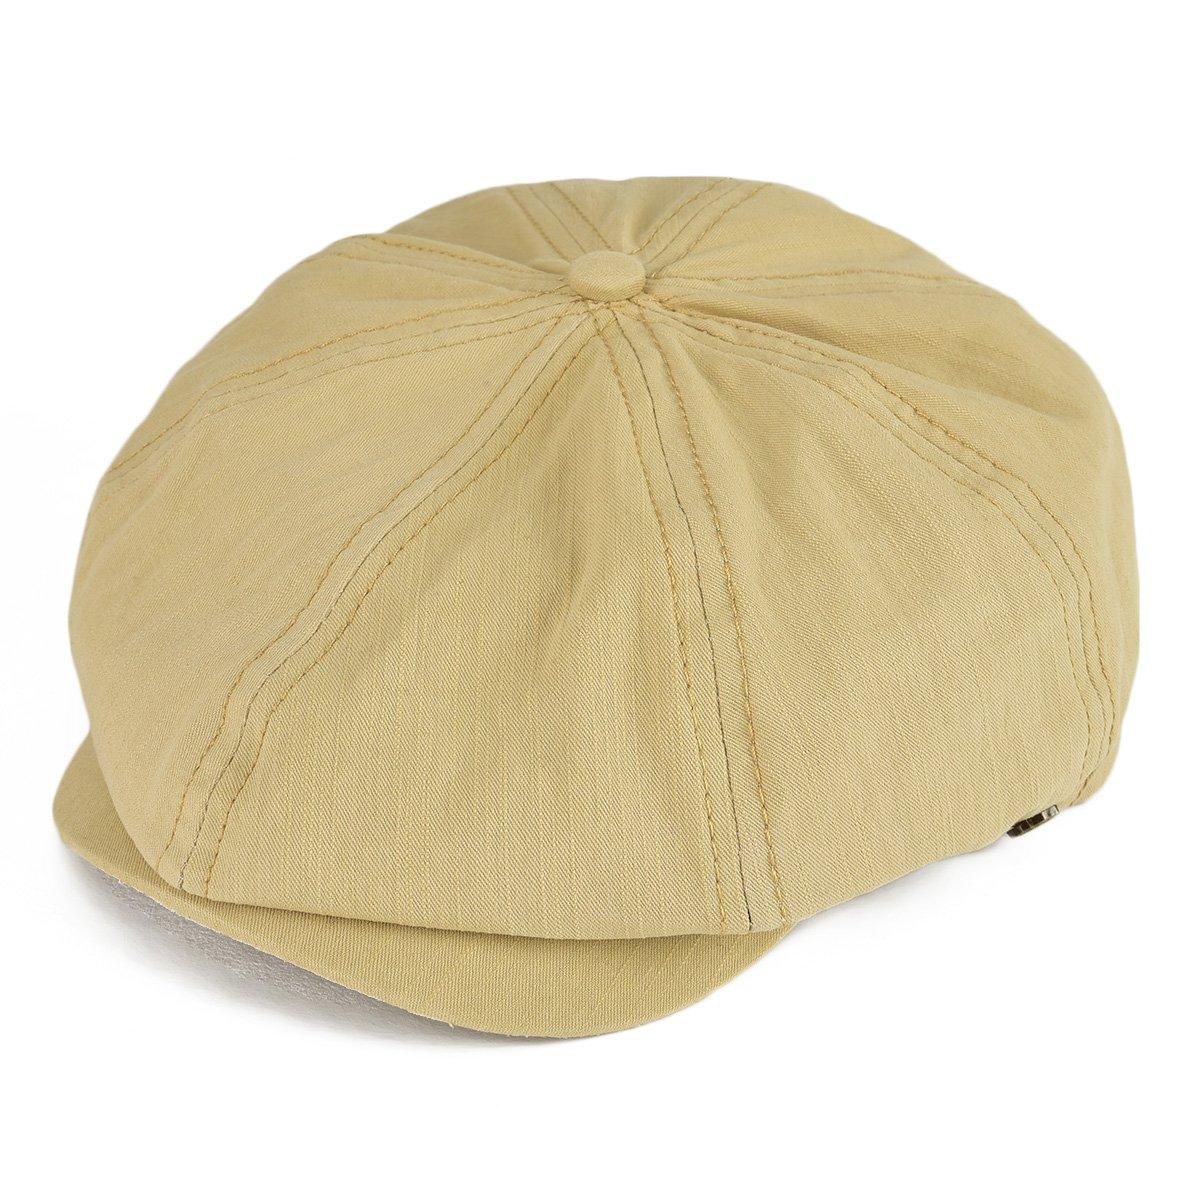 VOBOOM 100% Cotton Newsboy Caps 8 Pannel Cabbie Hat Gatsby Hat 2 Way BDMZ134 (Khaki)